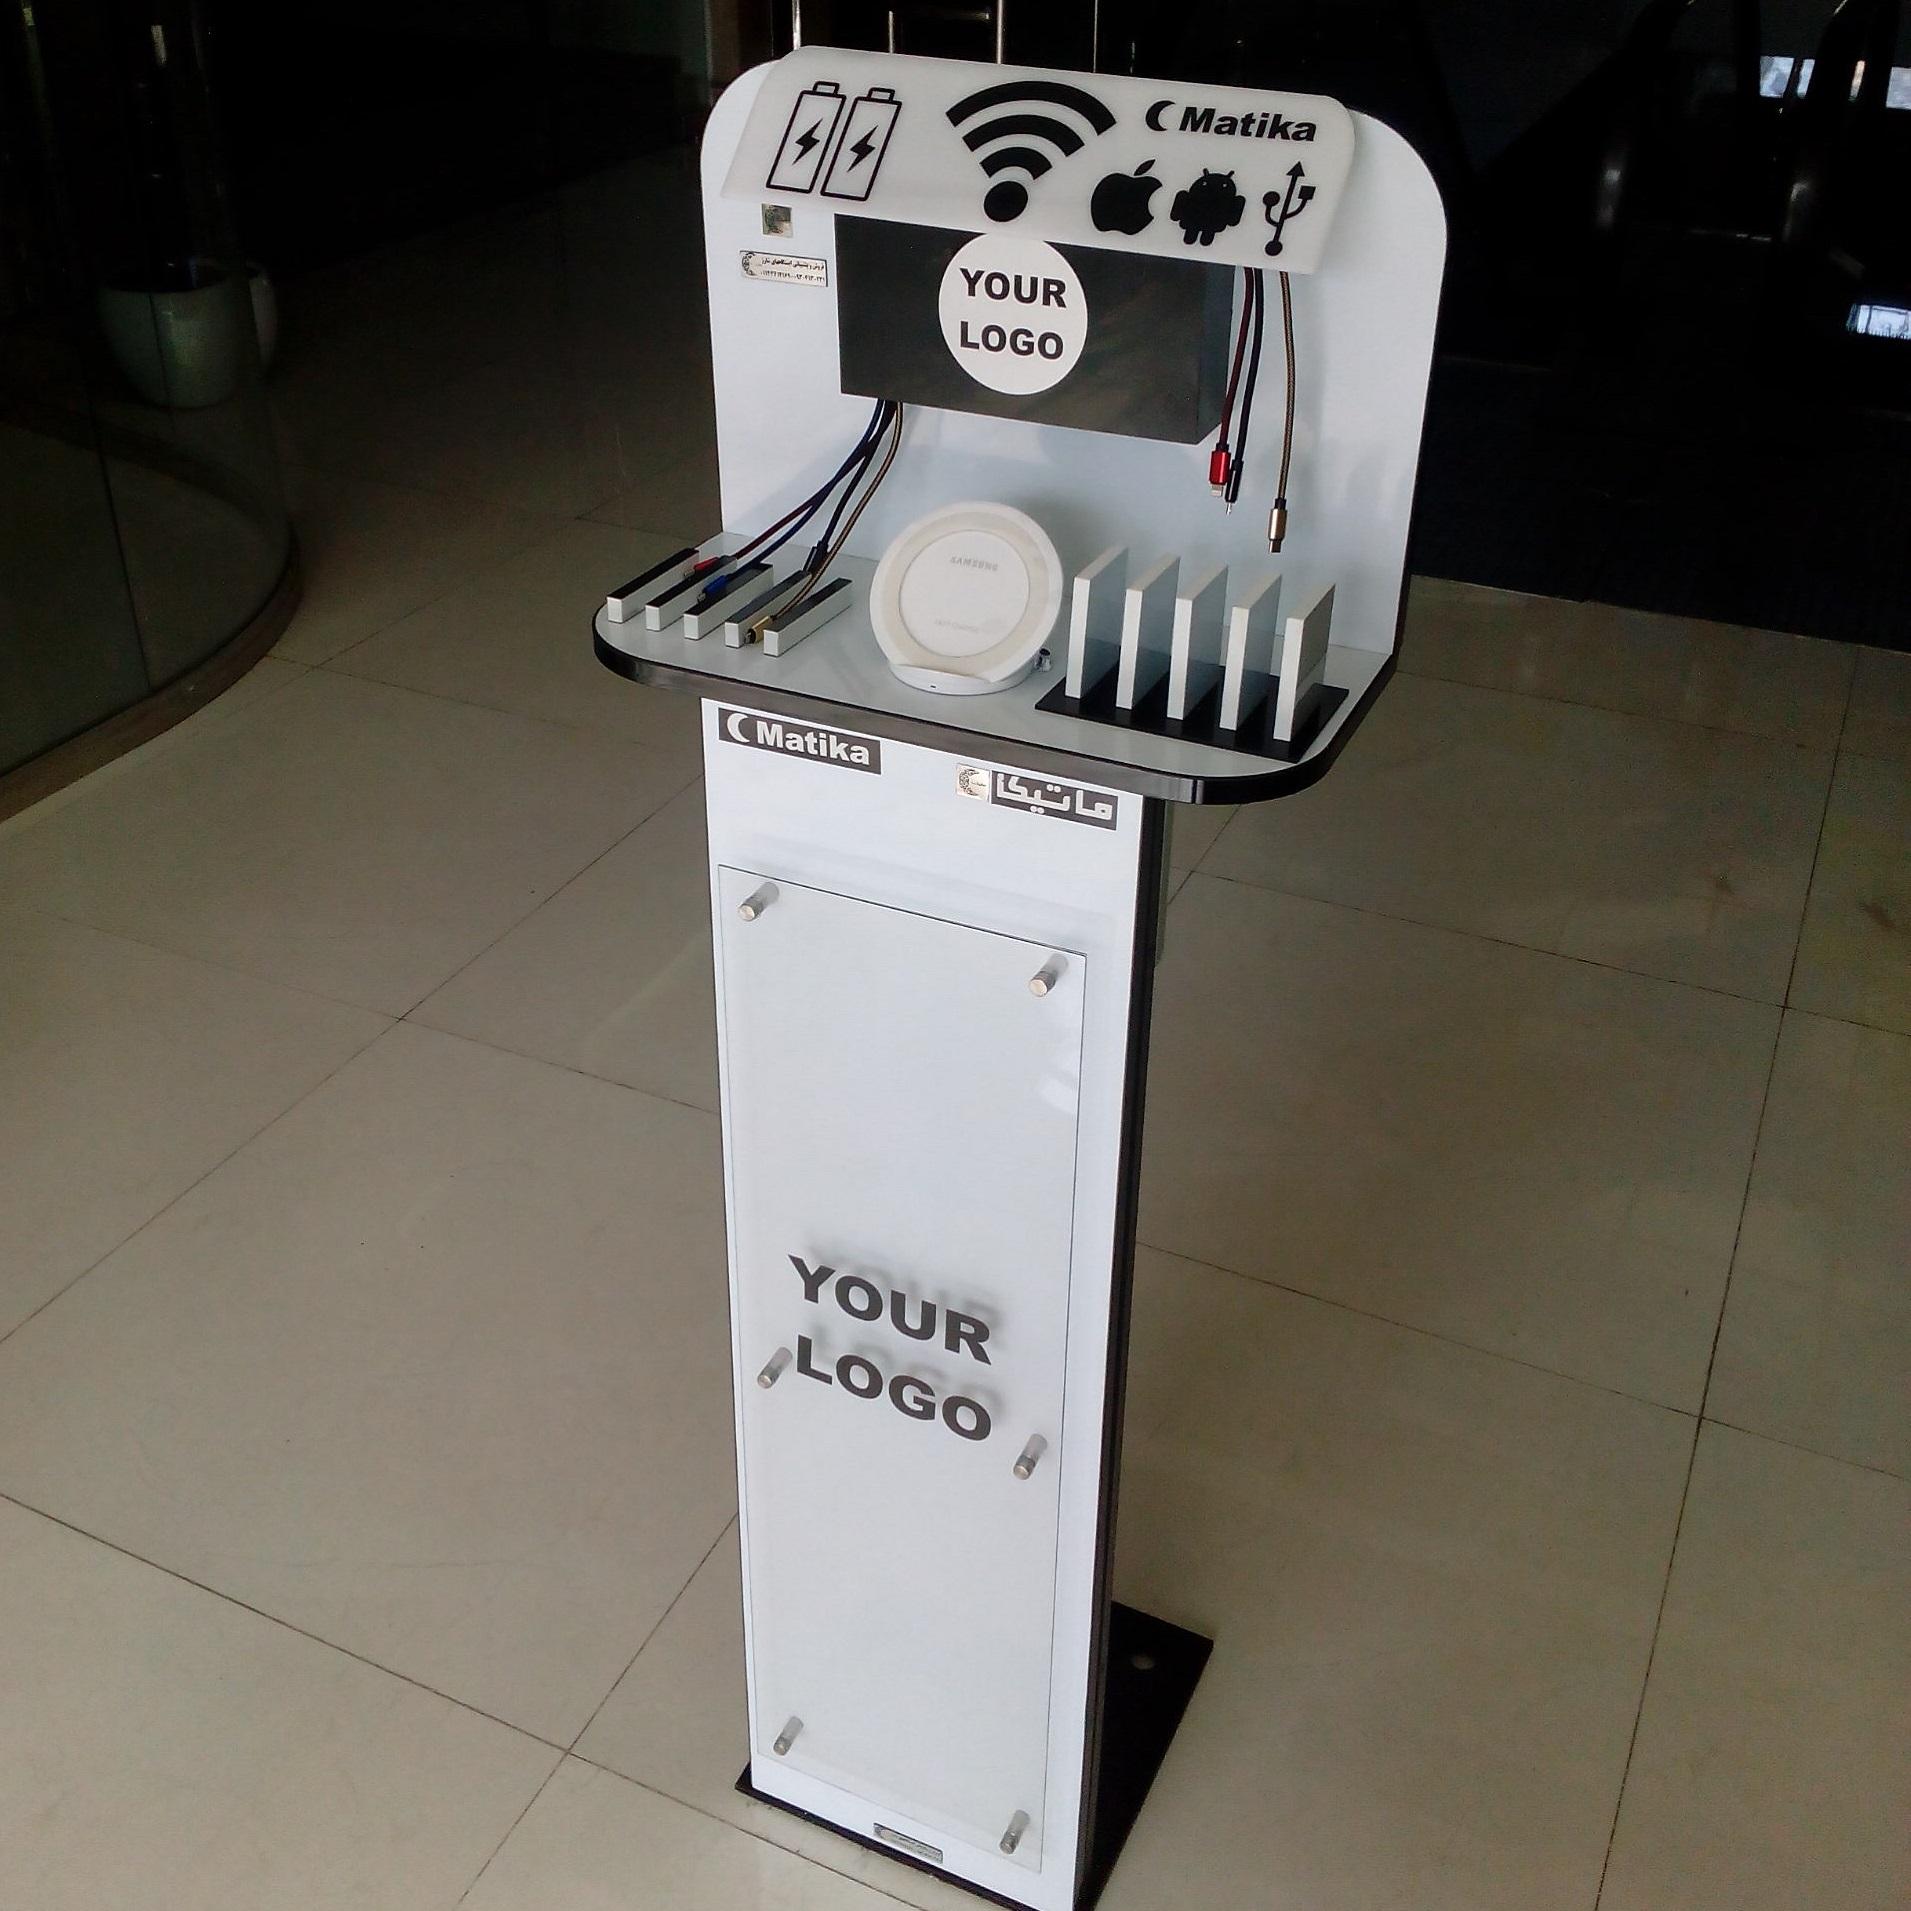 ایستگاه شارژر موبایل مدل TWIIP-W پایه دار با ظاهری زیبا و کیفیت مناسب دارای قابلیت شارژ فست همزمان ۸ گوشی موبایل و تبلت از انواع مختلف و یک شارژر وایرلس روکار می باشد که باتوجه به ابعاد آن ۲۲×۱۳۲×۴۲ سانتی متر امکان قرار گیری و نصب روی زمین و یا دیوار در هر نقطه ای را دارد و امکان نصب لوگو برند روی دستگاه وجود دارد و همچنین دارای فضای تبلیغاتیCM ۲۸×۸۰ در روی پایه ها می باشد